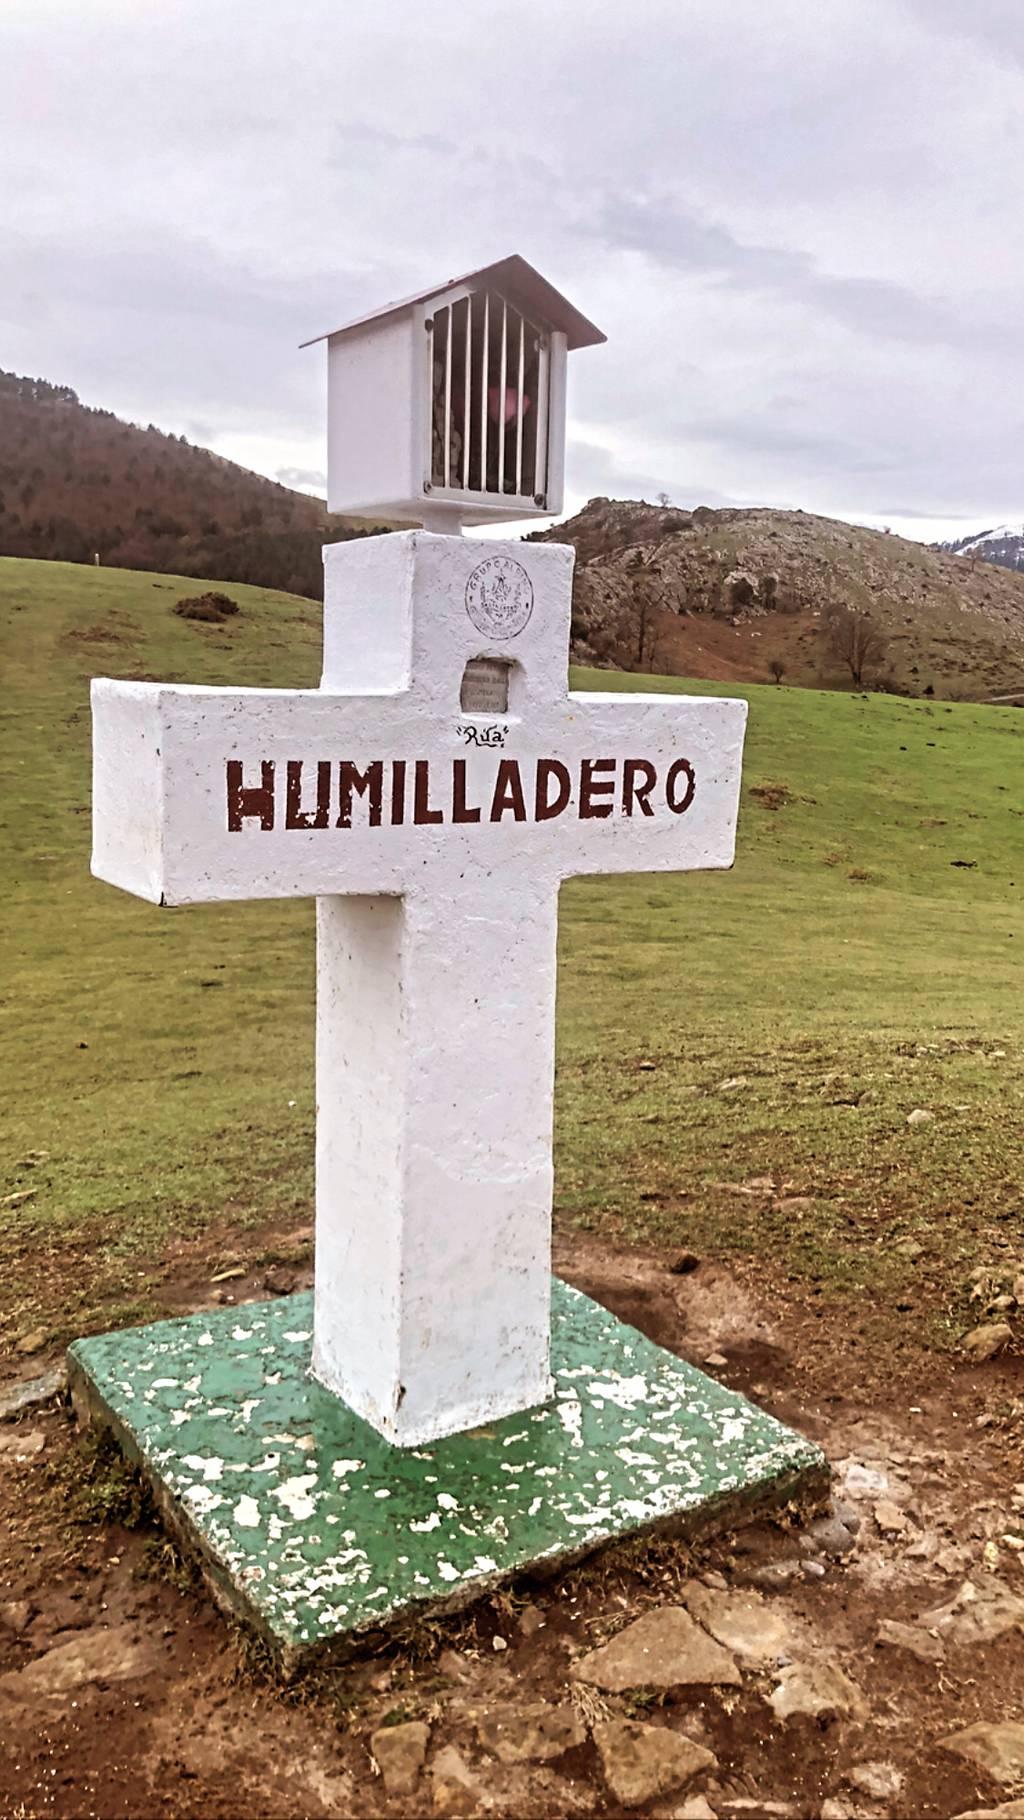 Eñaut Bengoa erabiltzailea El Humilladero puntan, 2020-12-31 11:35